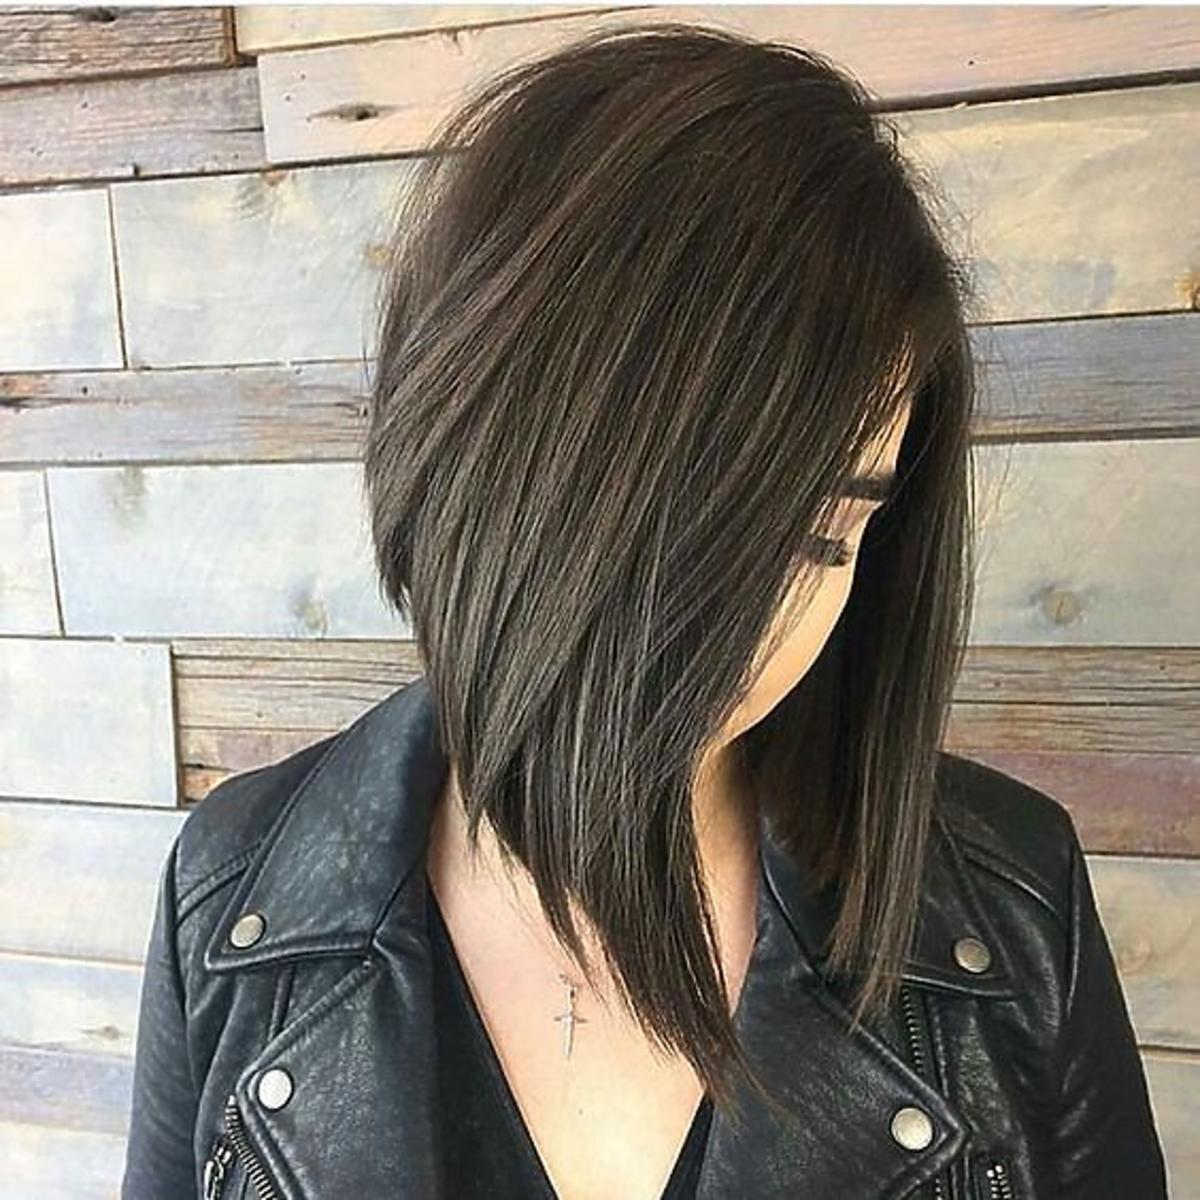 Modne fryzury na jesień 2020 - angular bob